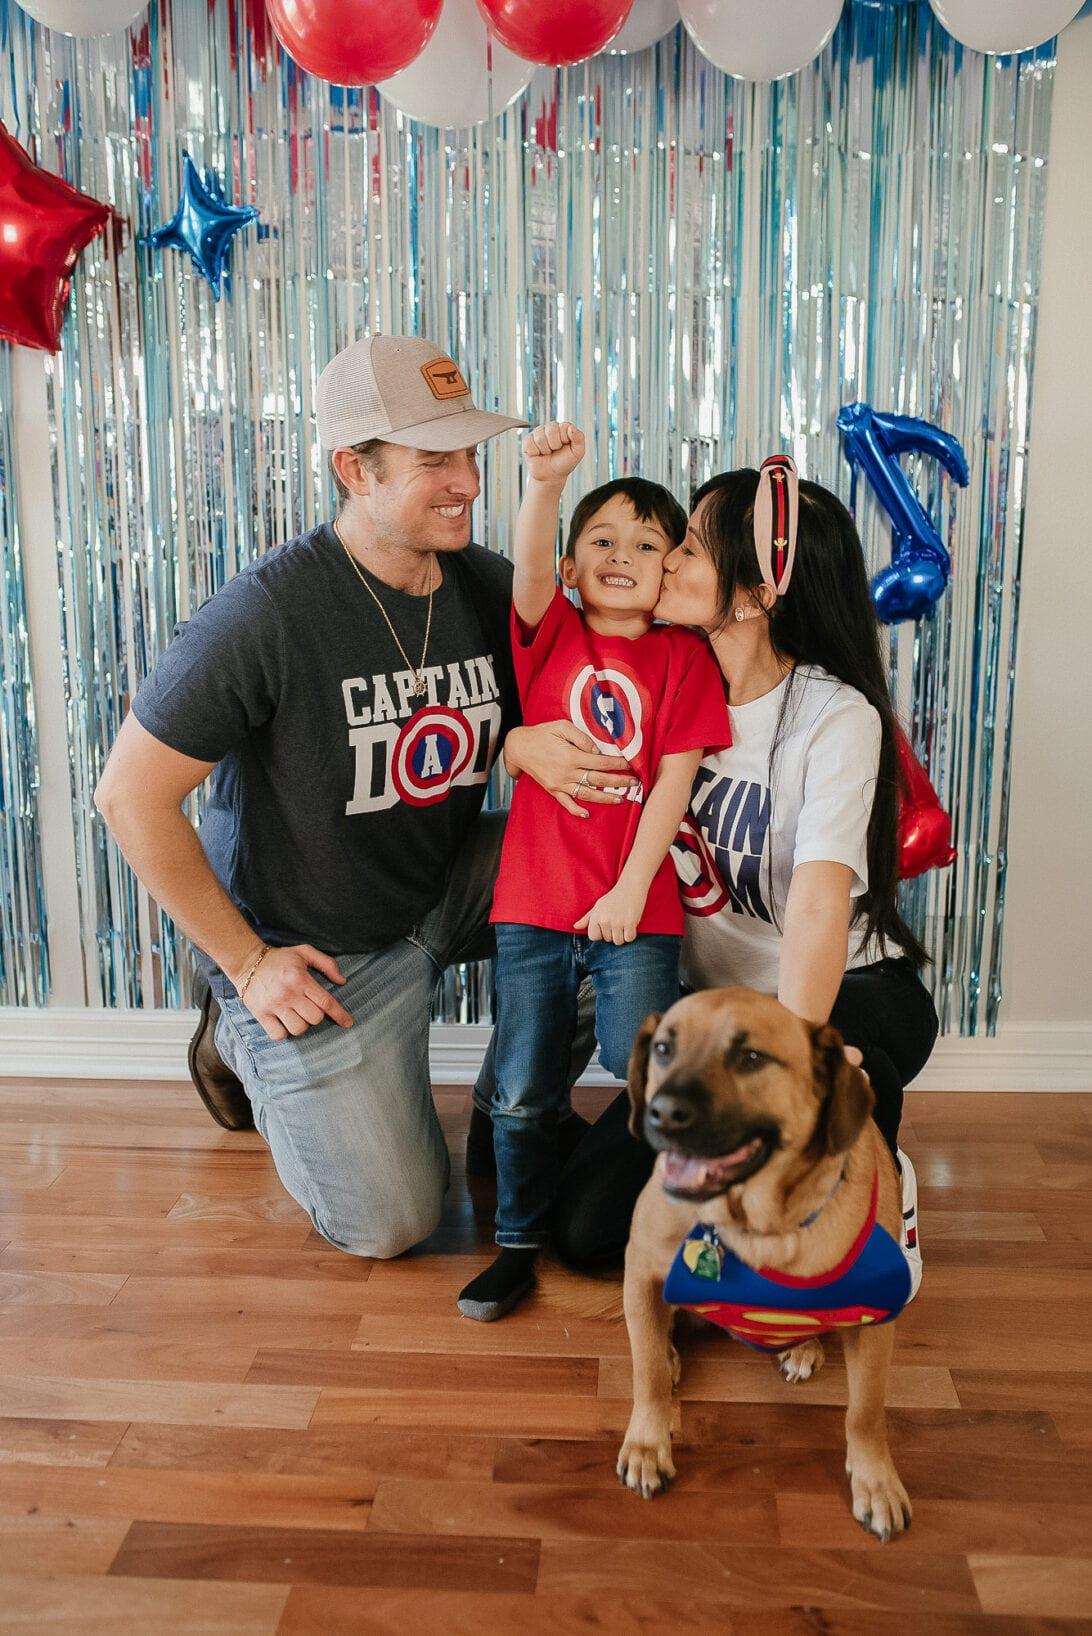 Captain America Dad, Captain America Mom, Captain America birthday boy, superman dog